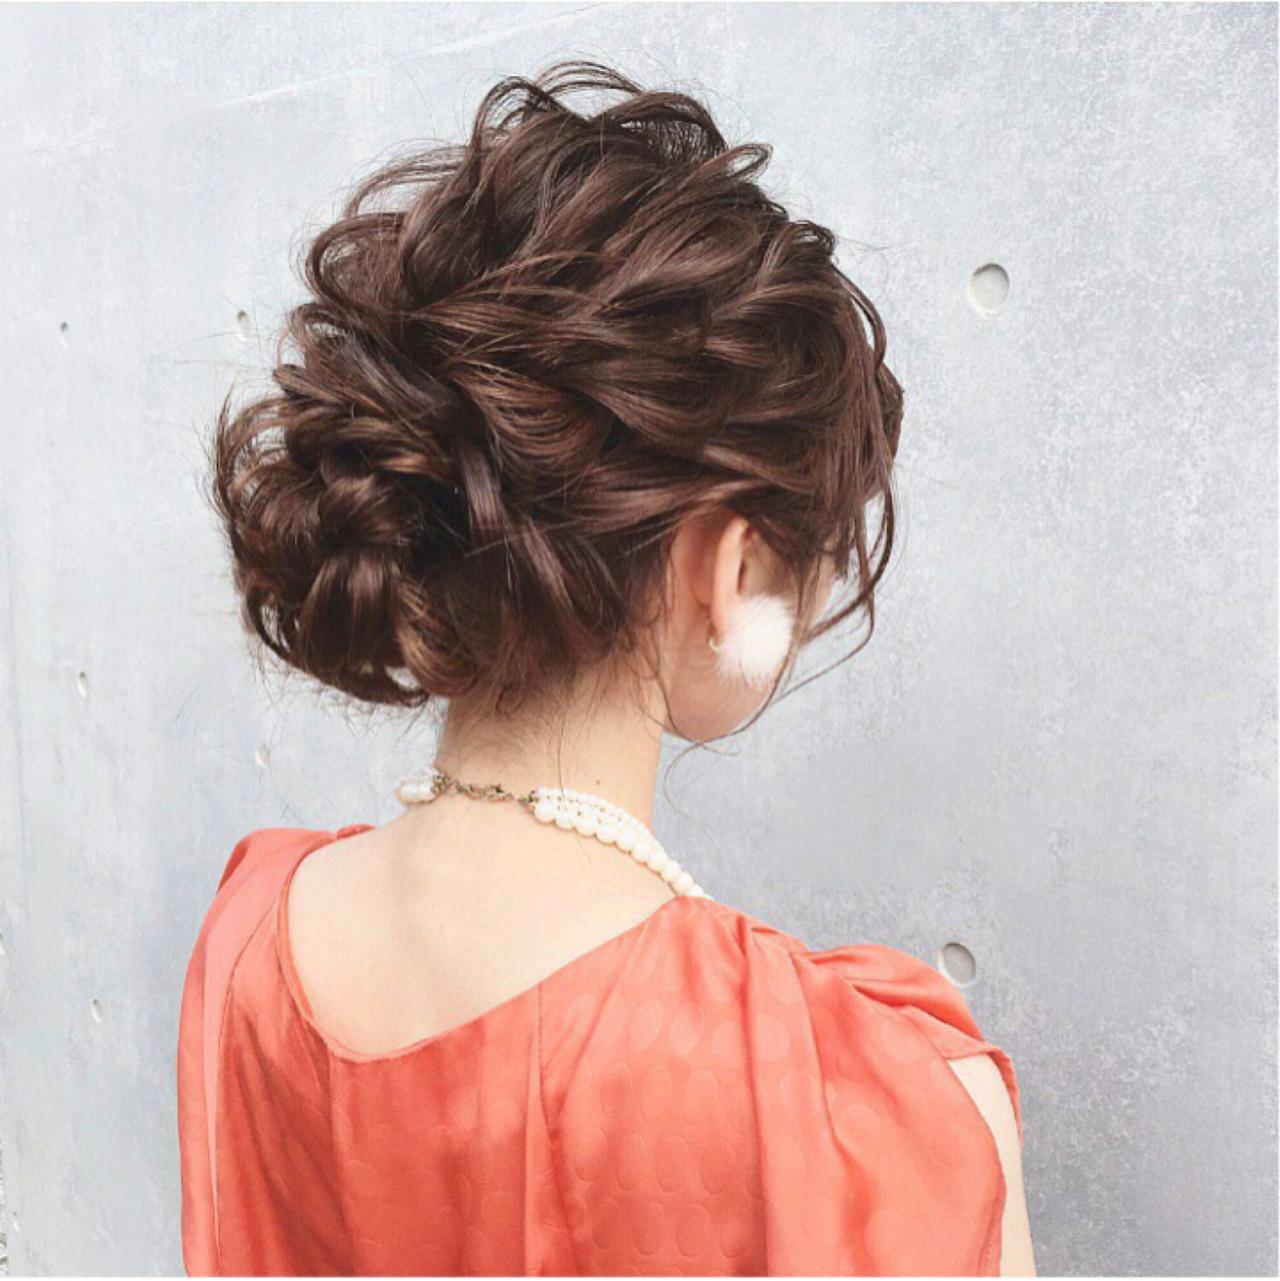 大人女子 ヘアアレンジ エレガント 上品 ヘアスタイルや髪型の写真・画像